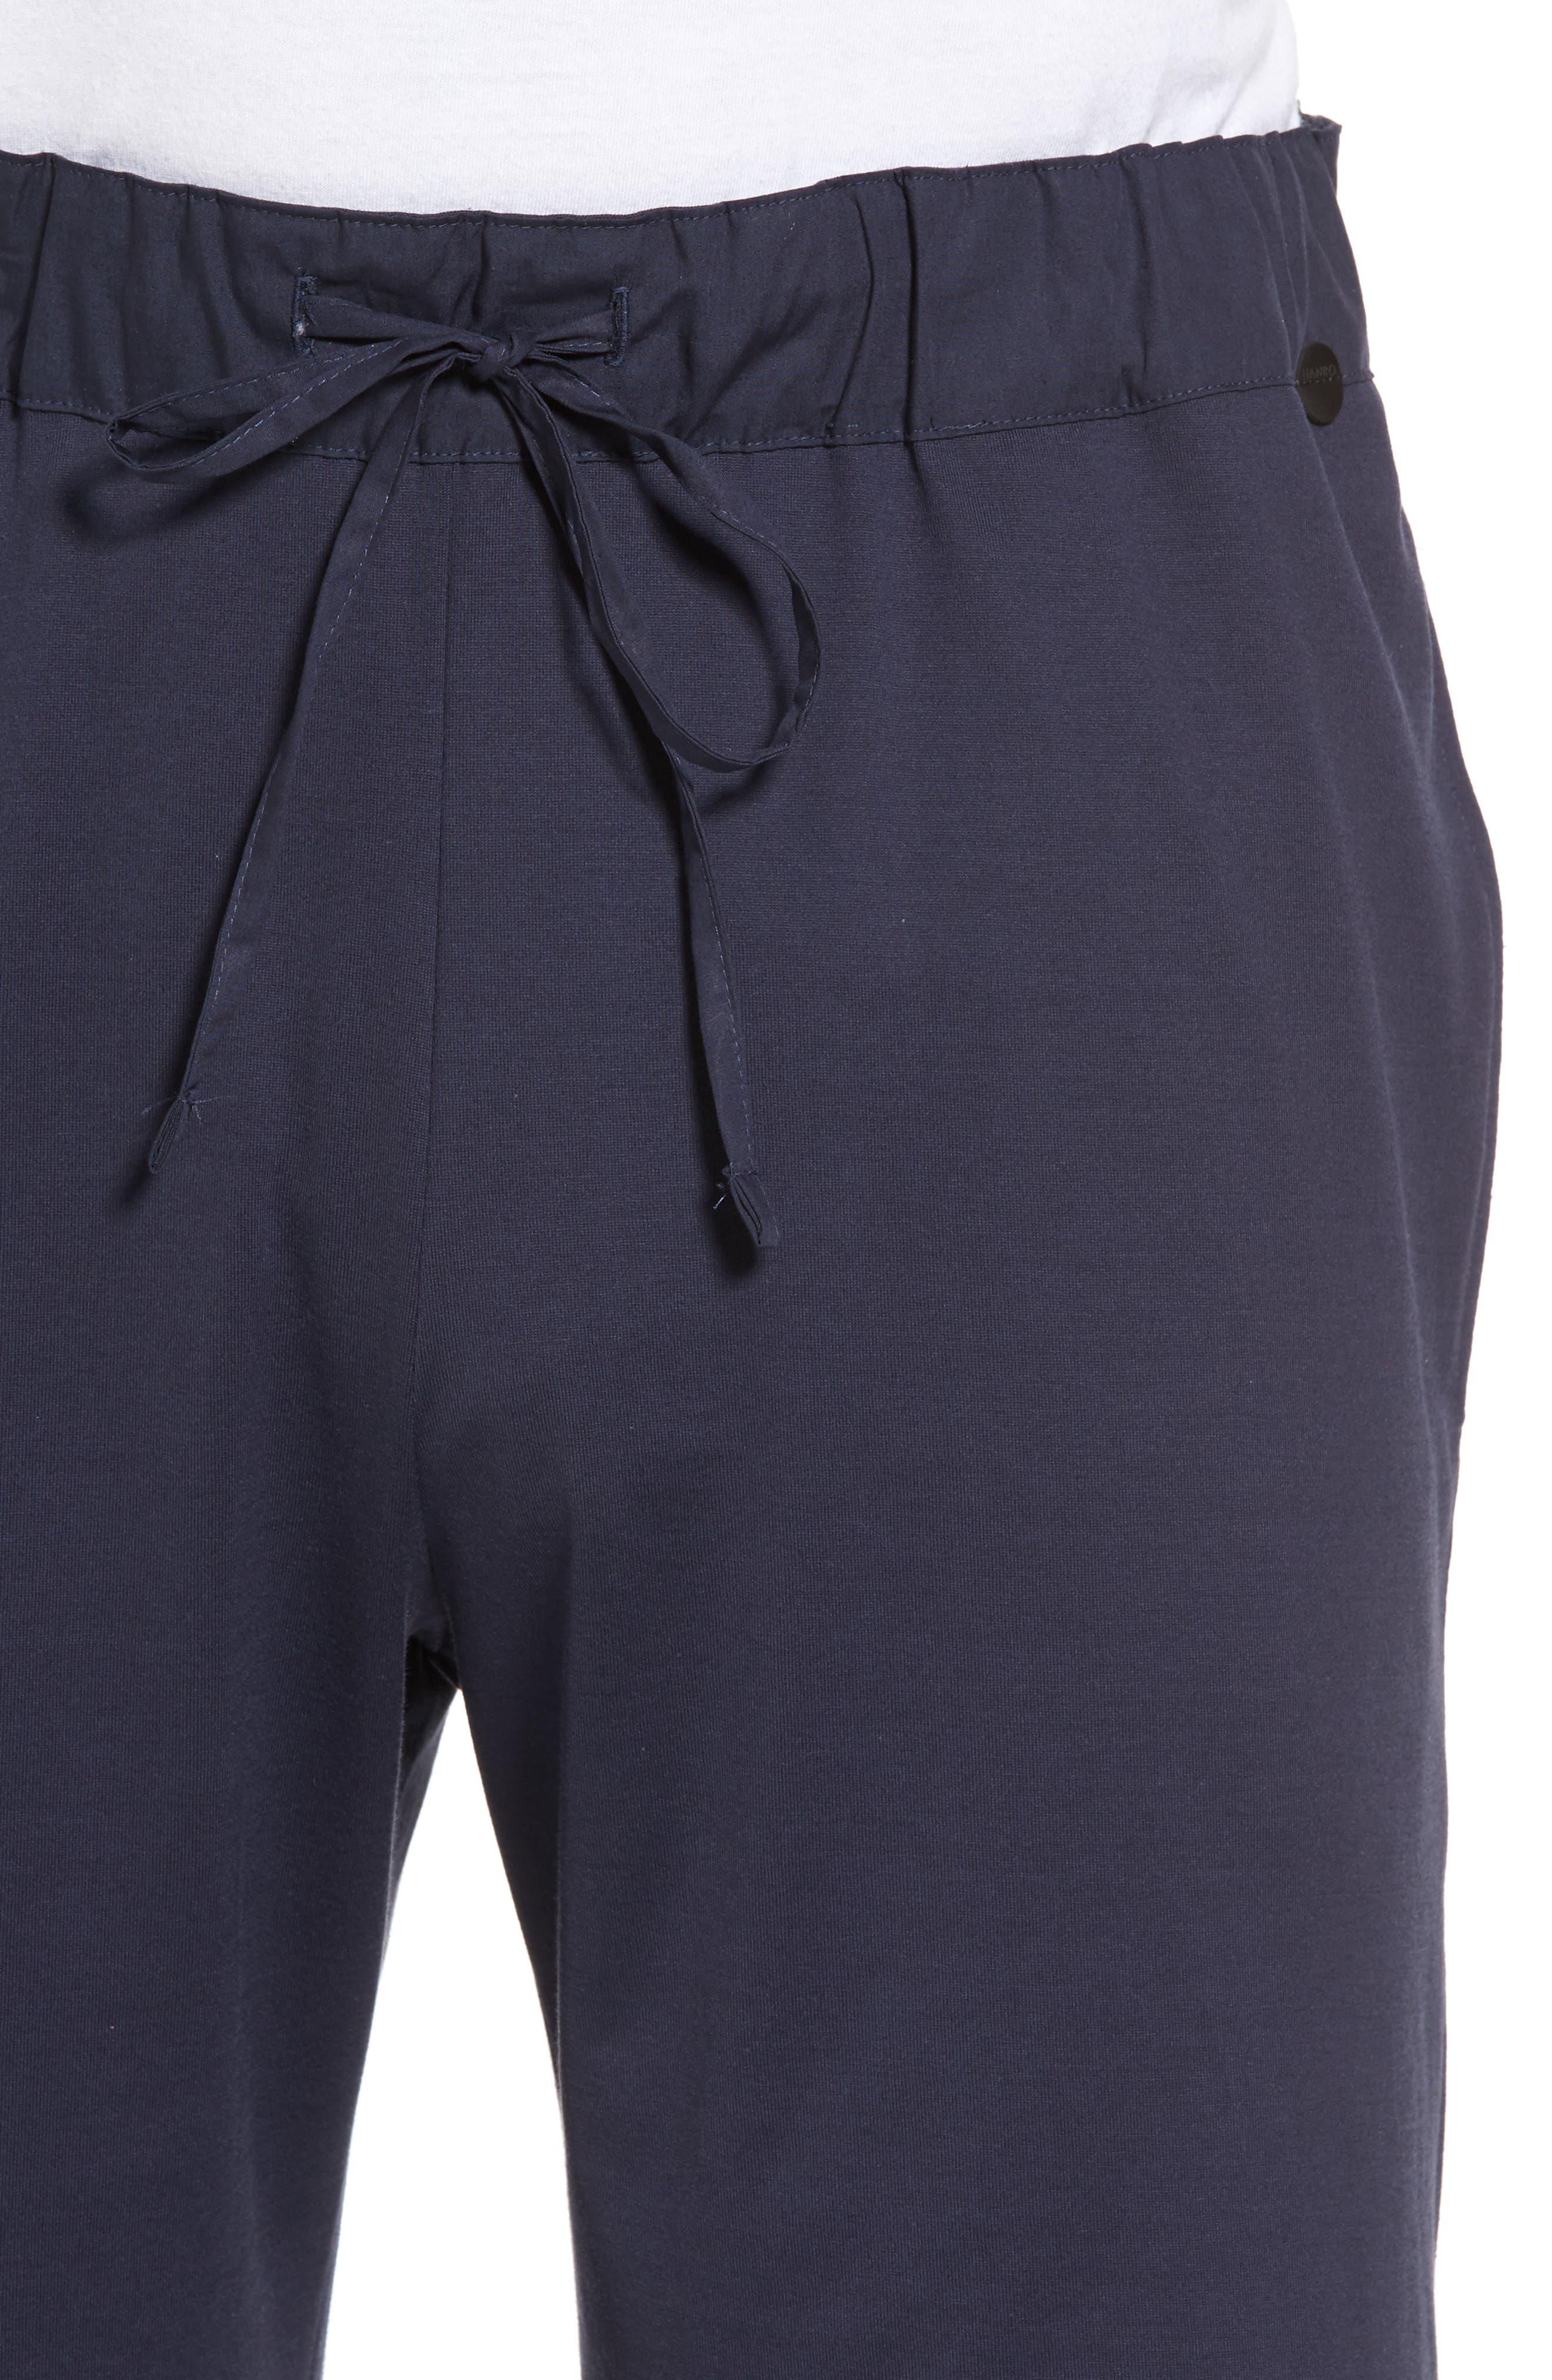 Alternate Image 4  - Hanro Night & Day Knit Shorts